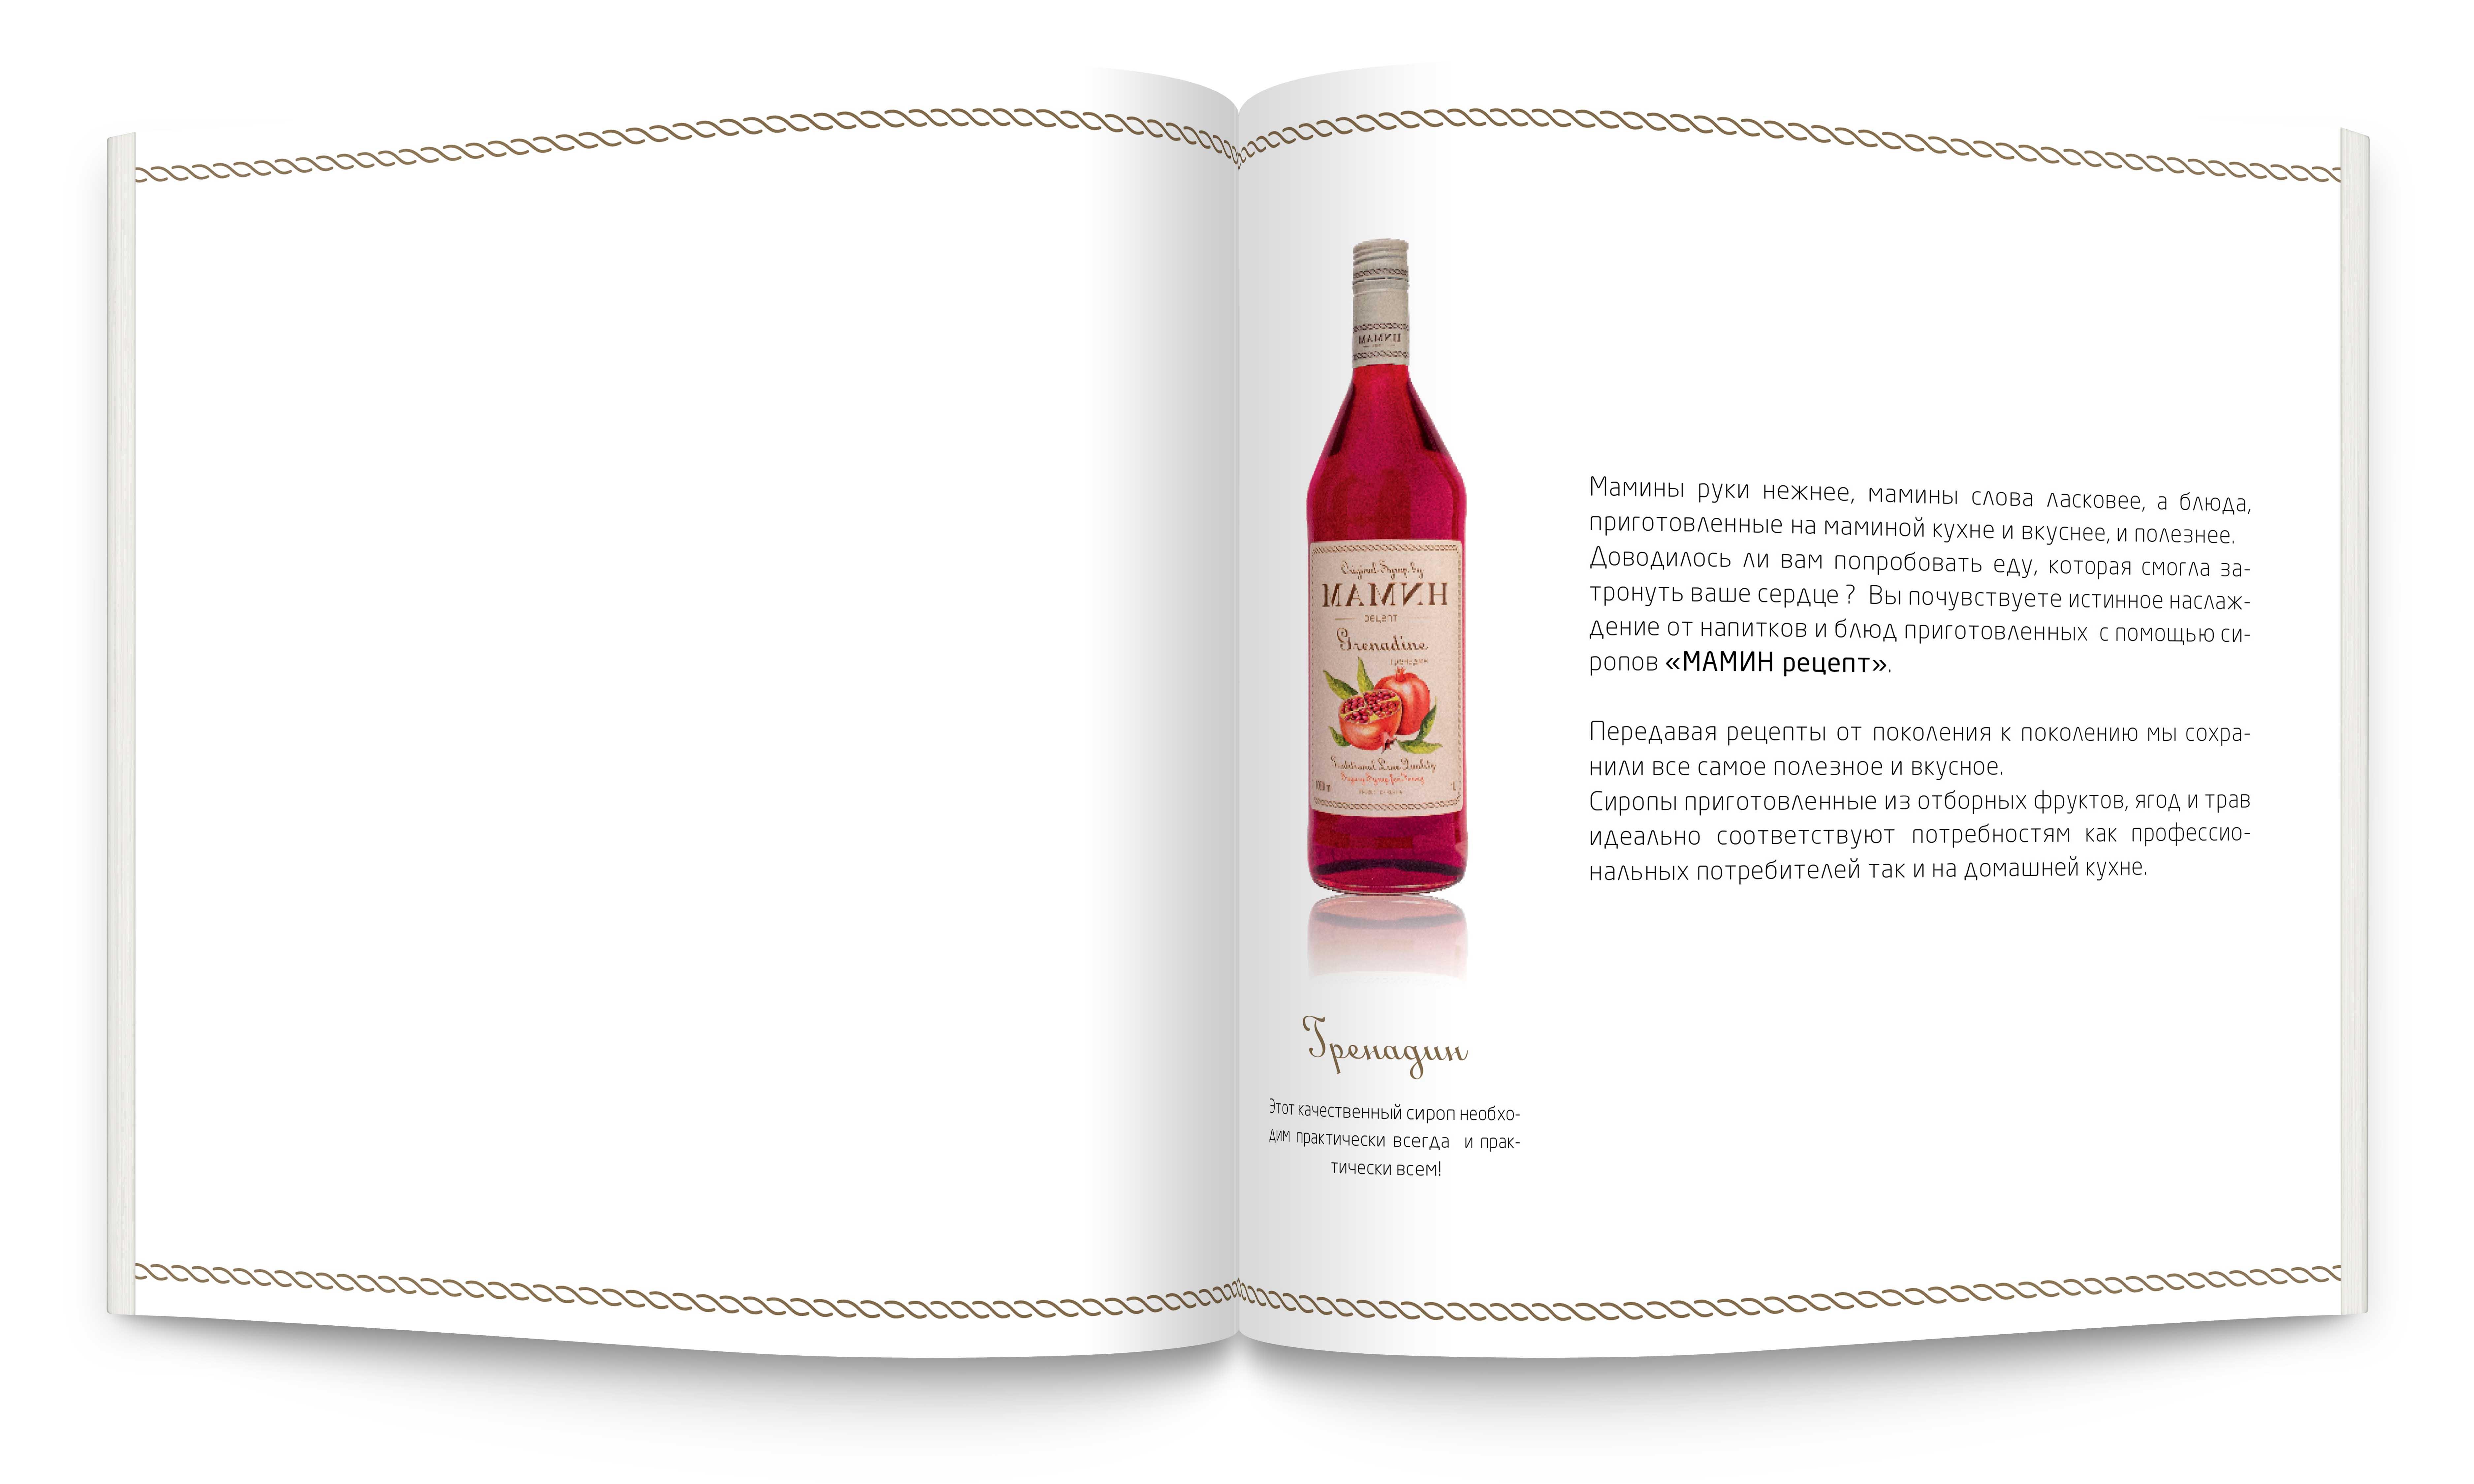 brochure2_брендинг_разработка_бренда_этикетки_сиропы